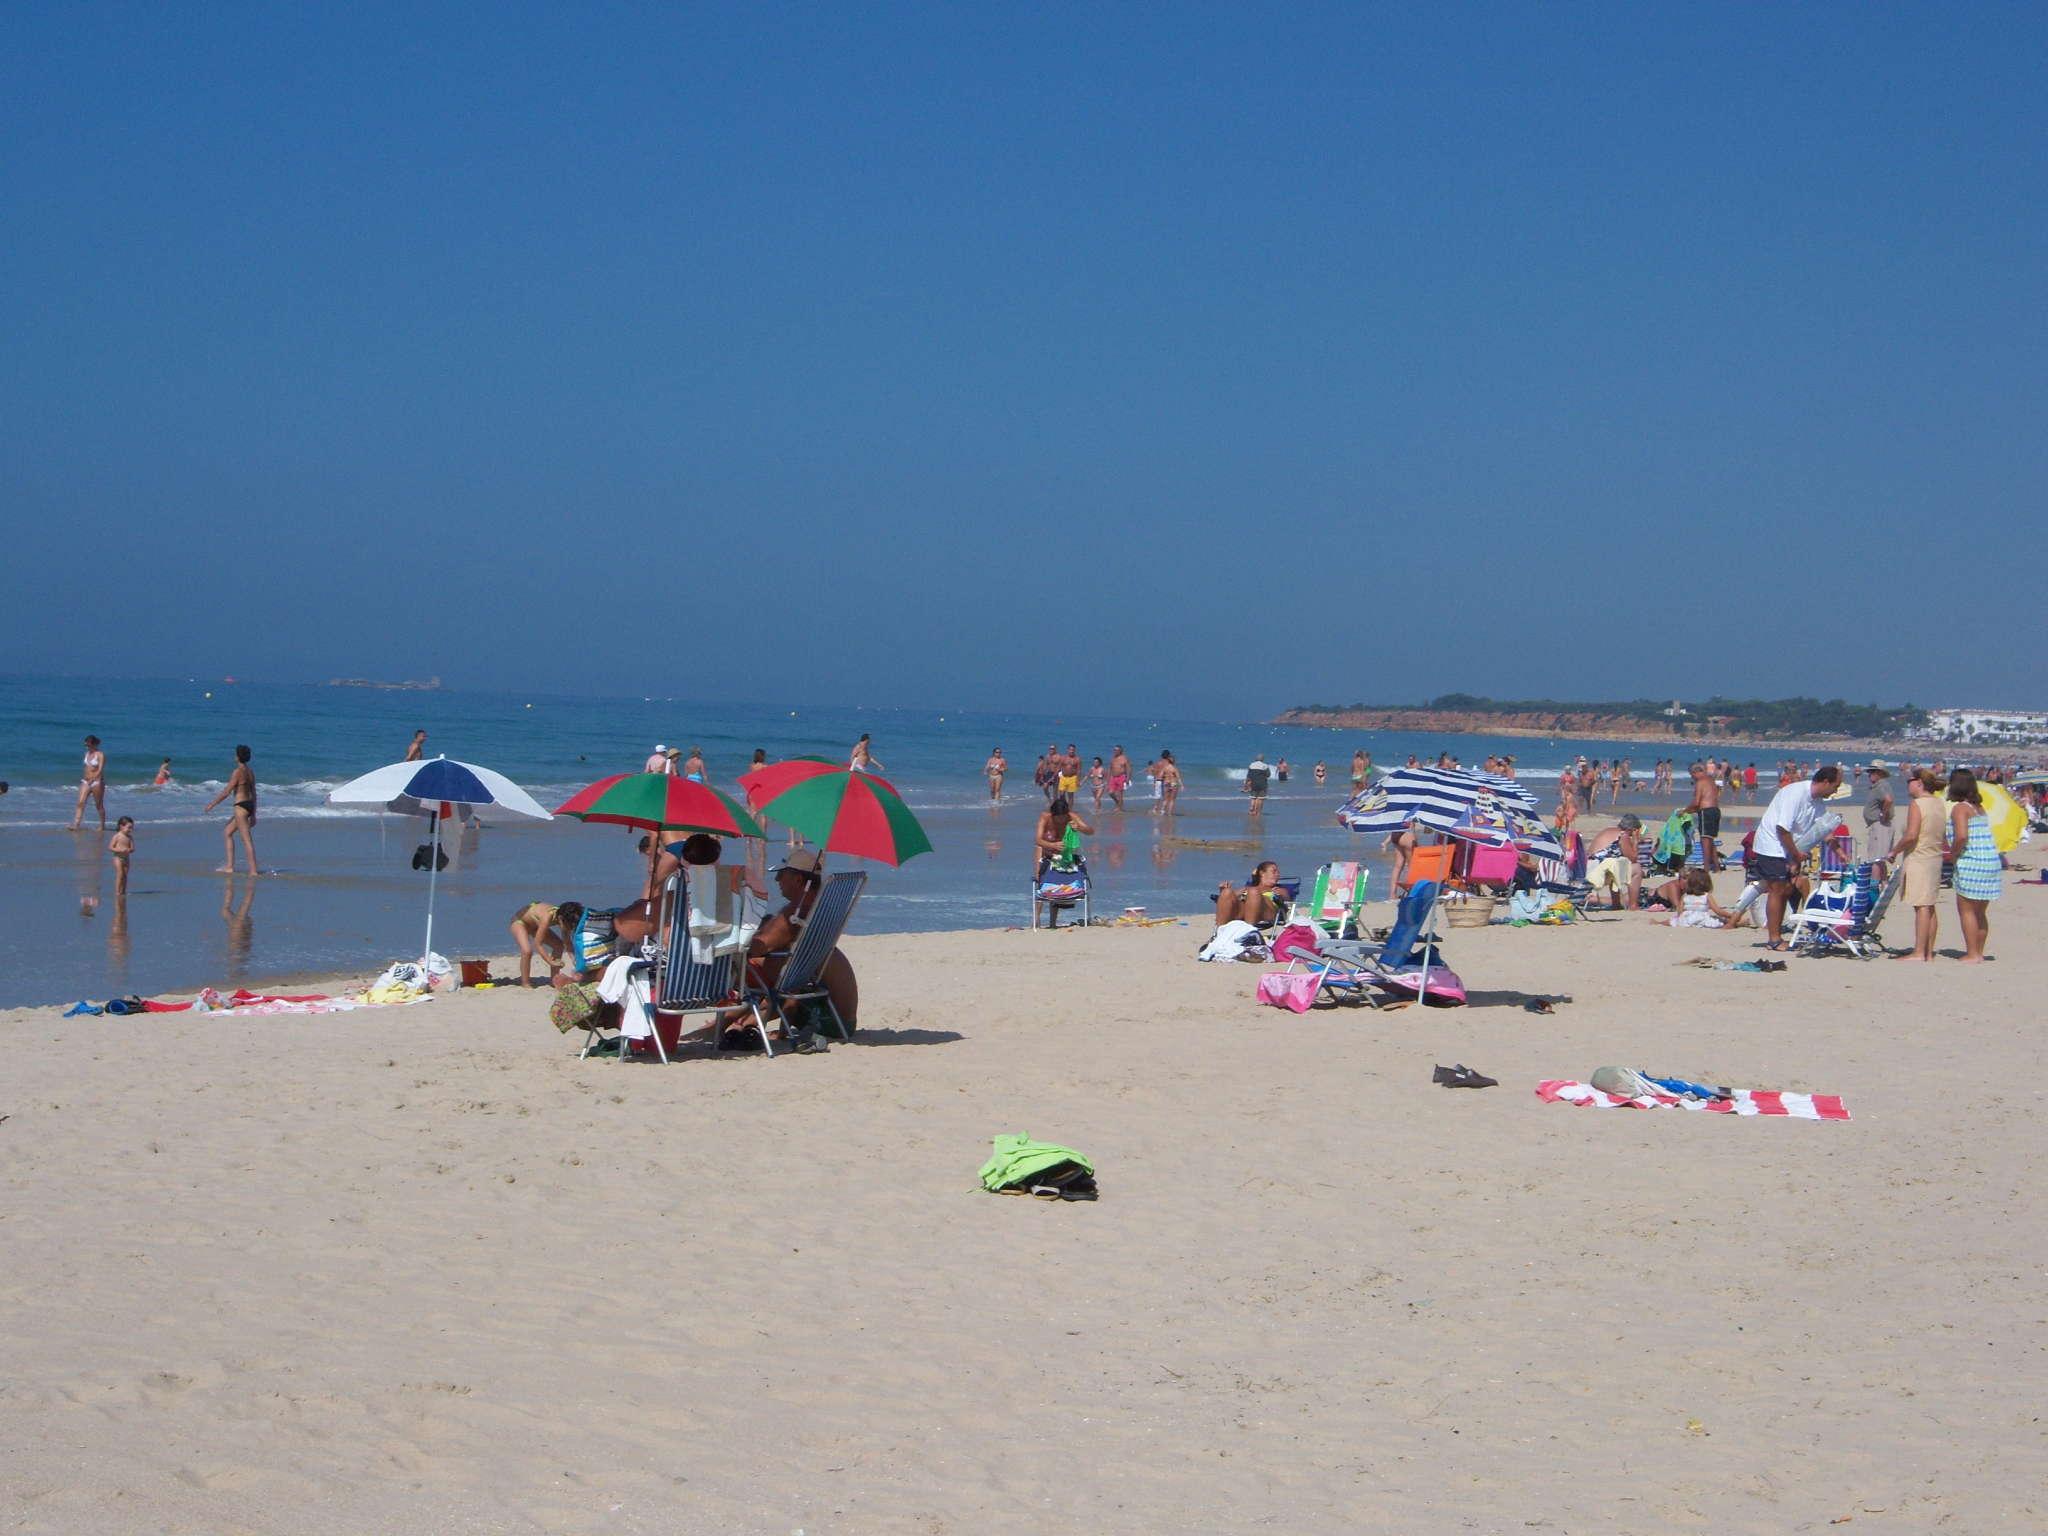 Strandleben am Playa Barrosa im Sommer